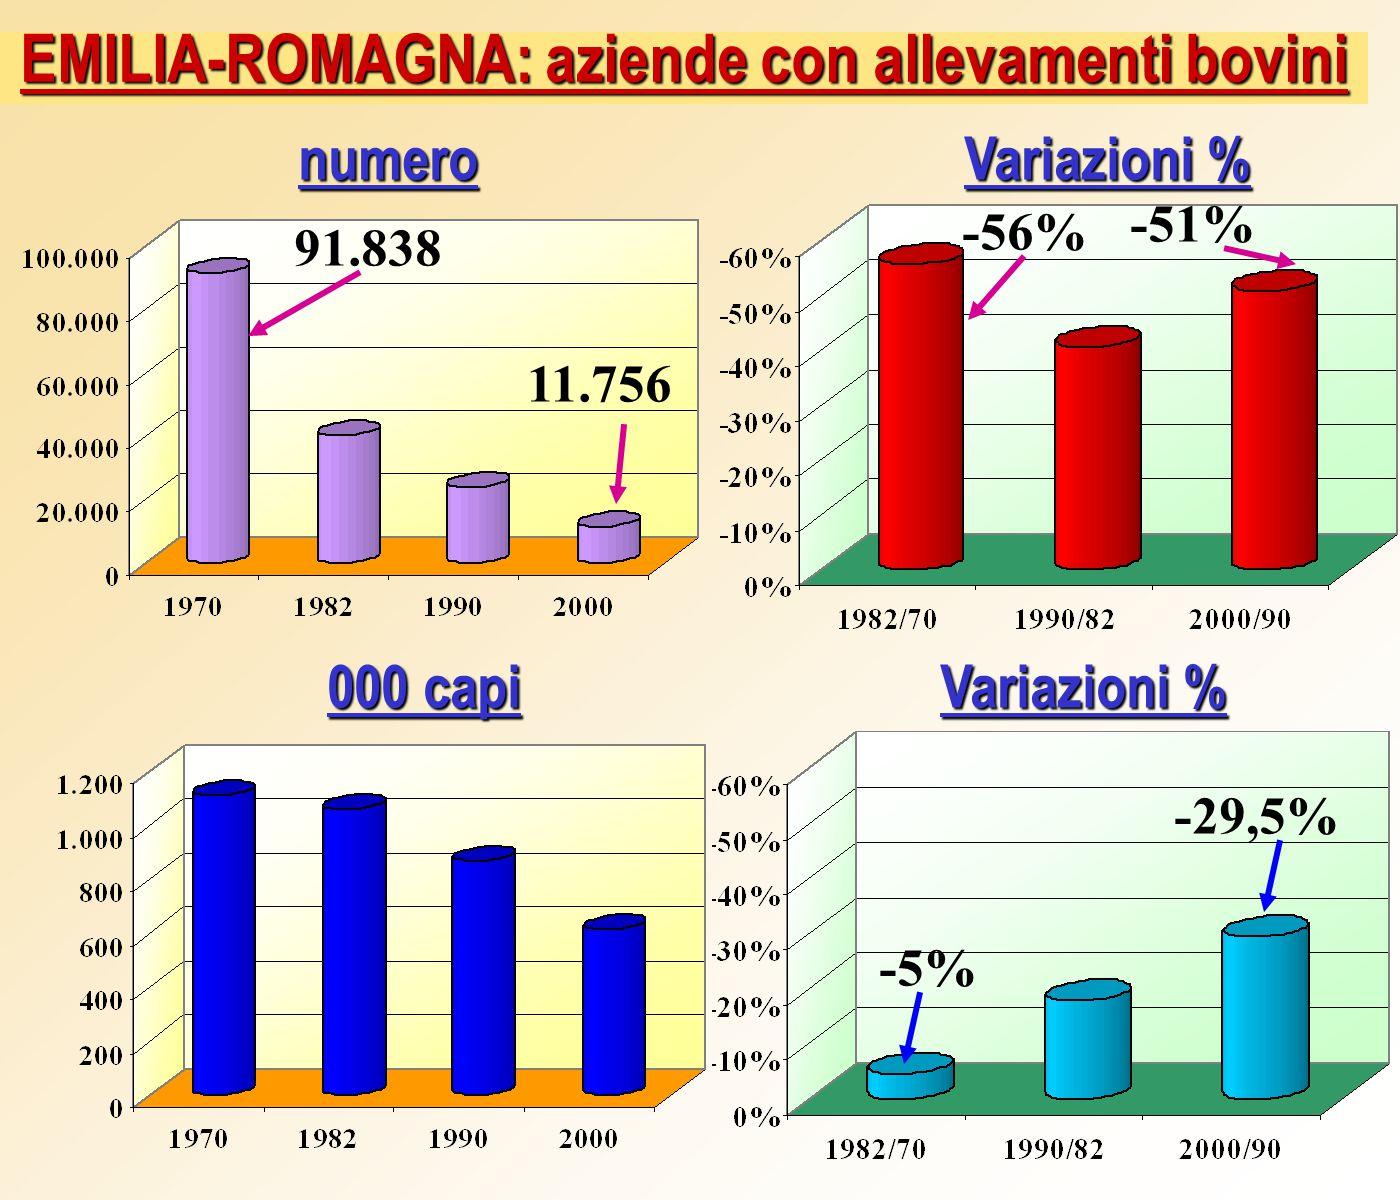 EMILIA-ROMAGNA: aziende con allevamenti bovini Variazioni % numero 000 capi Variazioni % 11.756 -56% -29,5% 91.838 -51% -5%